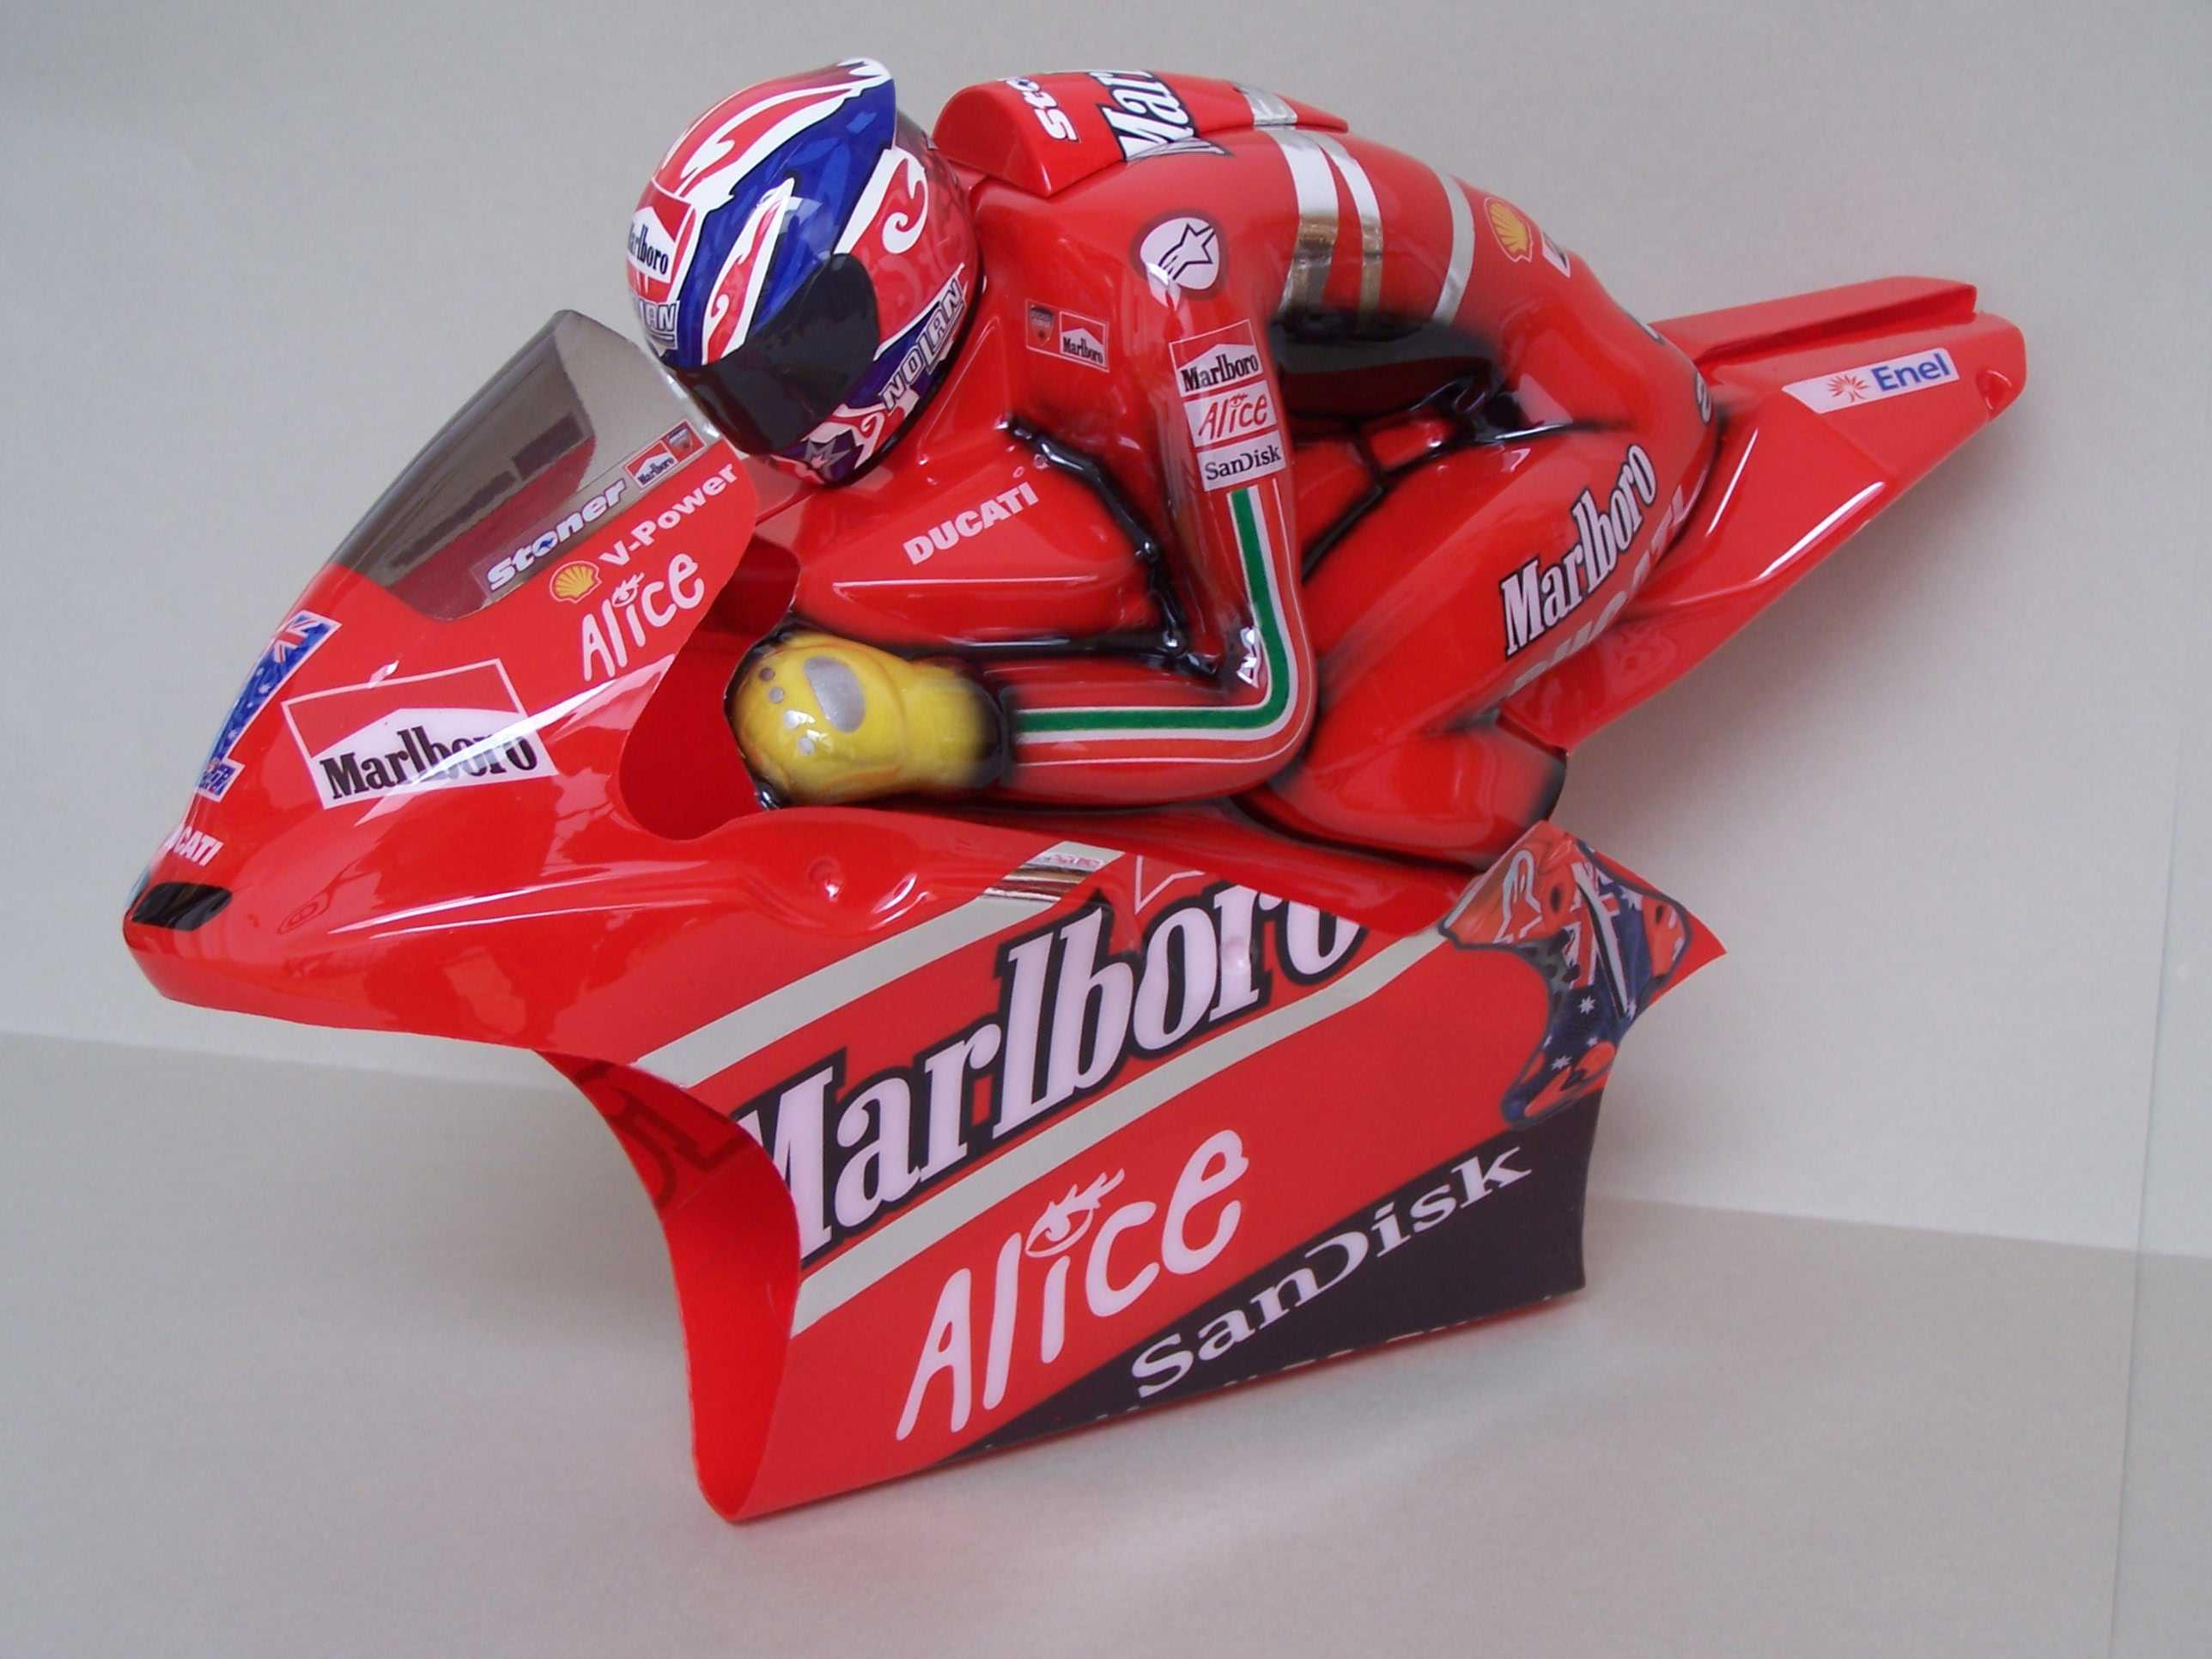 [Marlboro-Ducati-Stoner-2008-4.jpg]